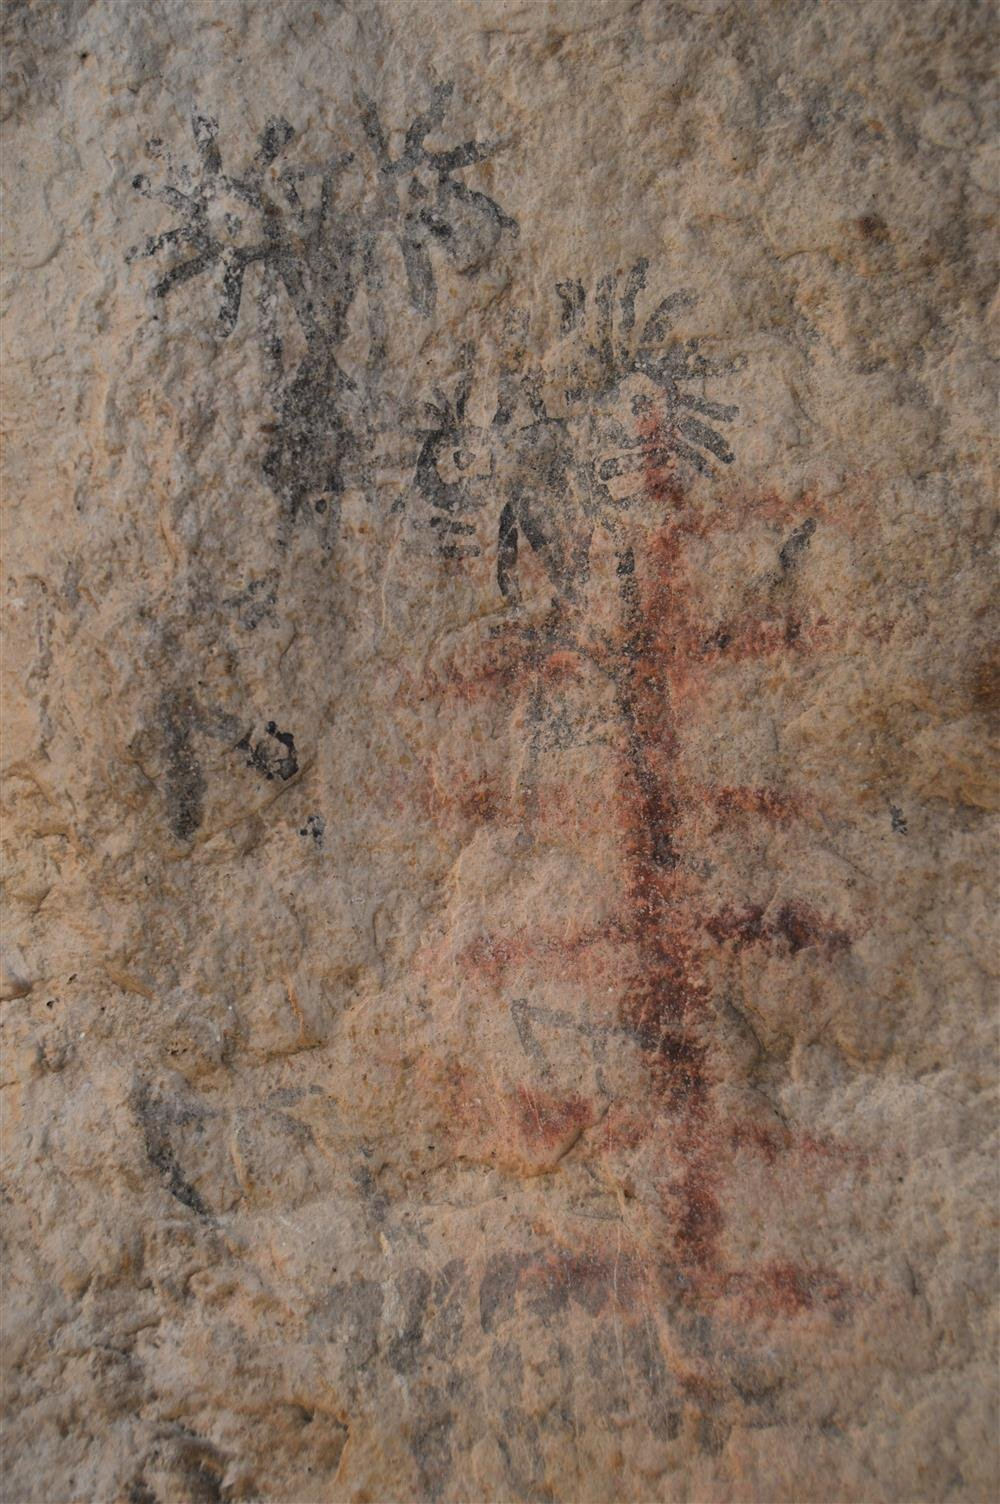 abrigodejusto3. Arte rupestre del arco mediterráneo de la Península Ibérica